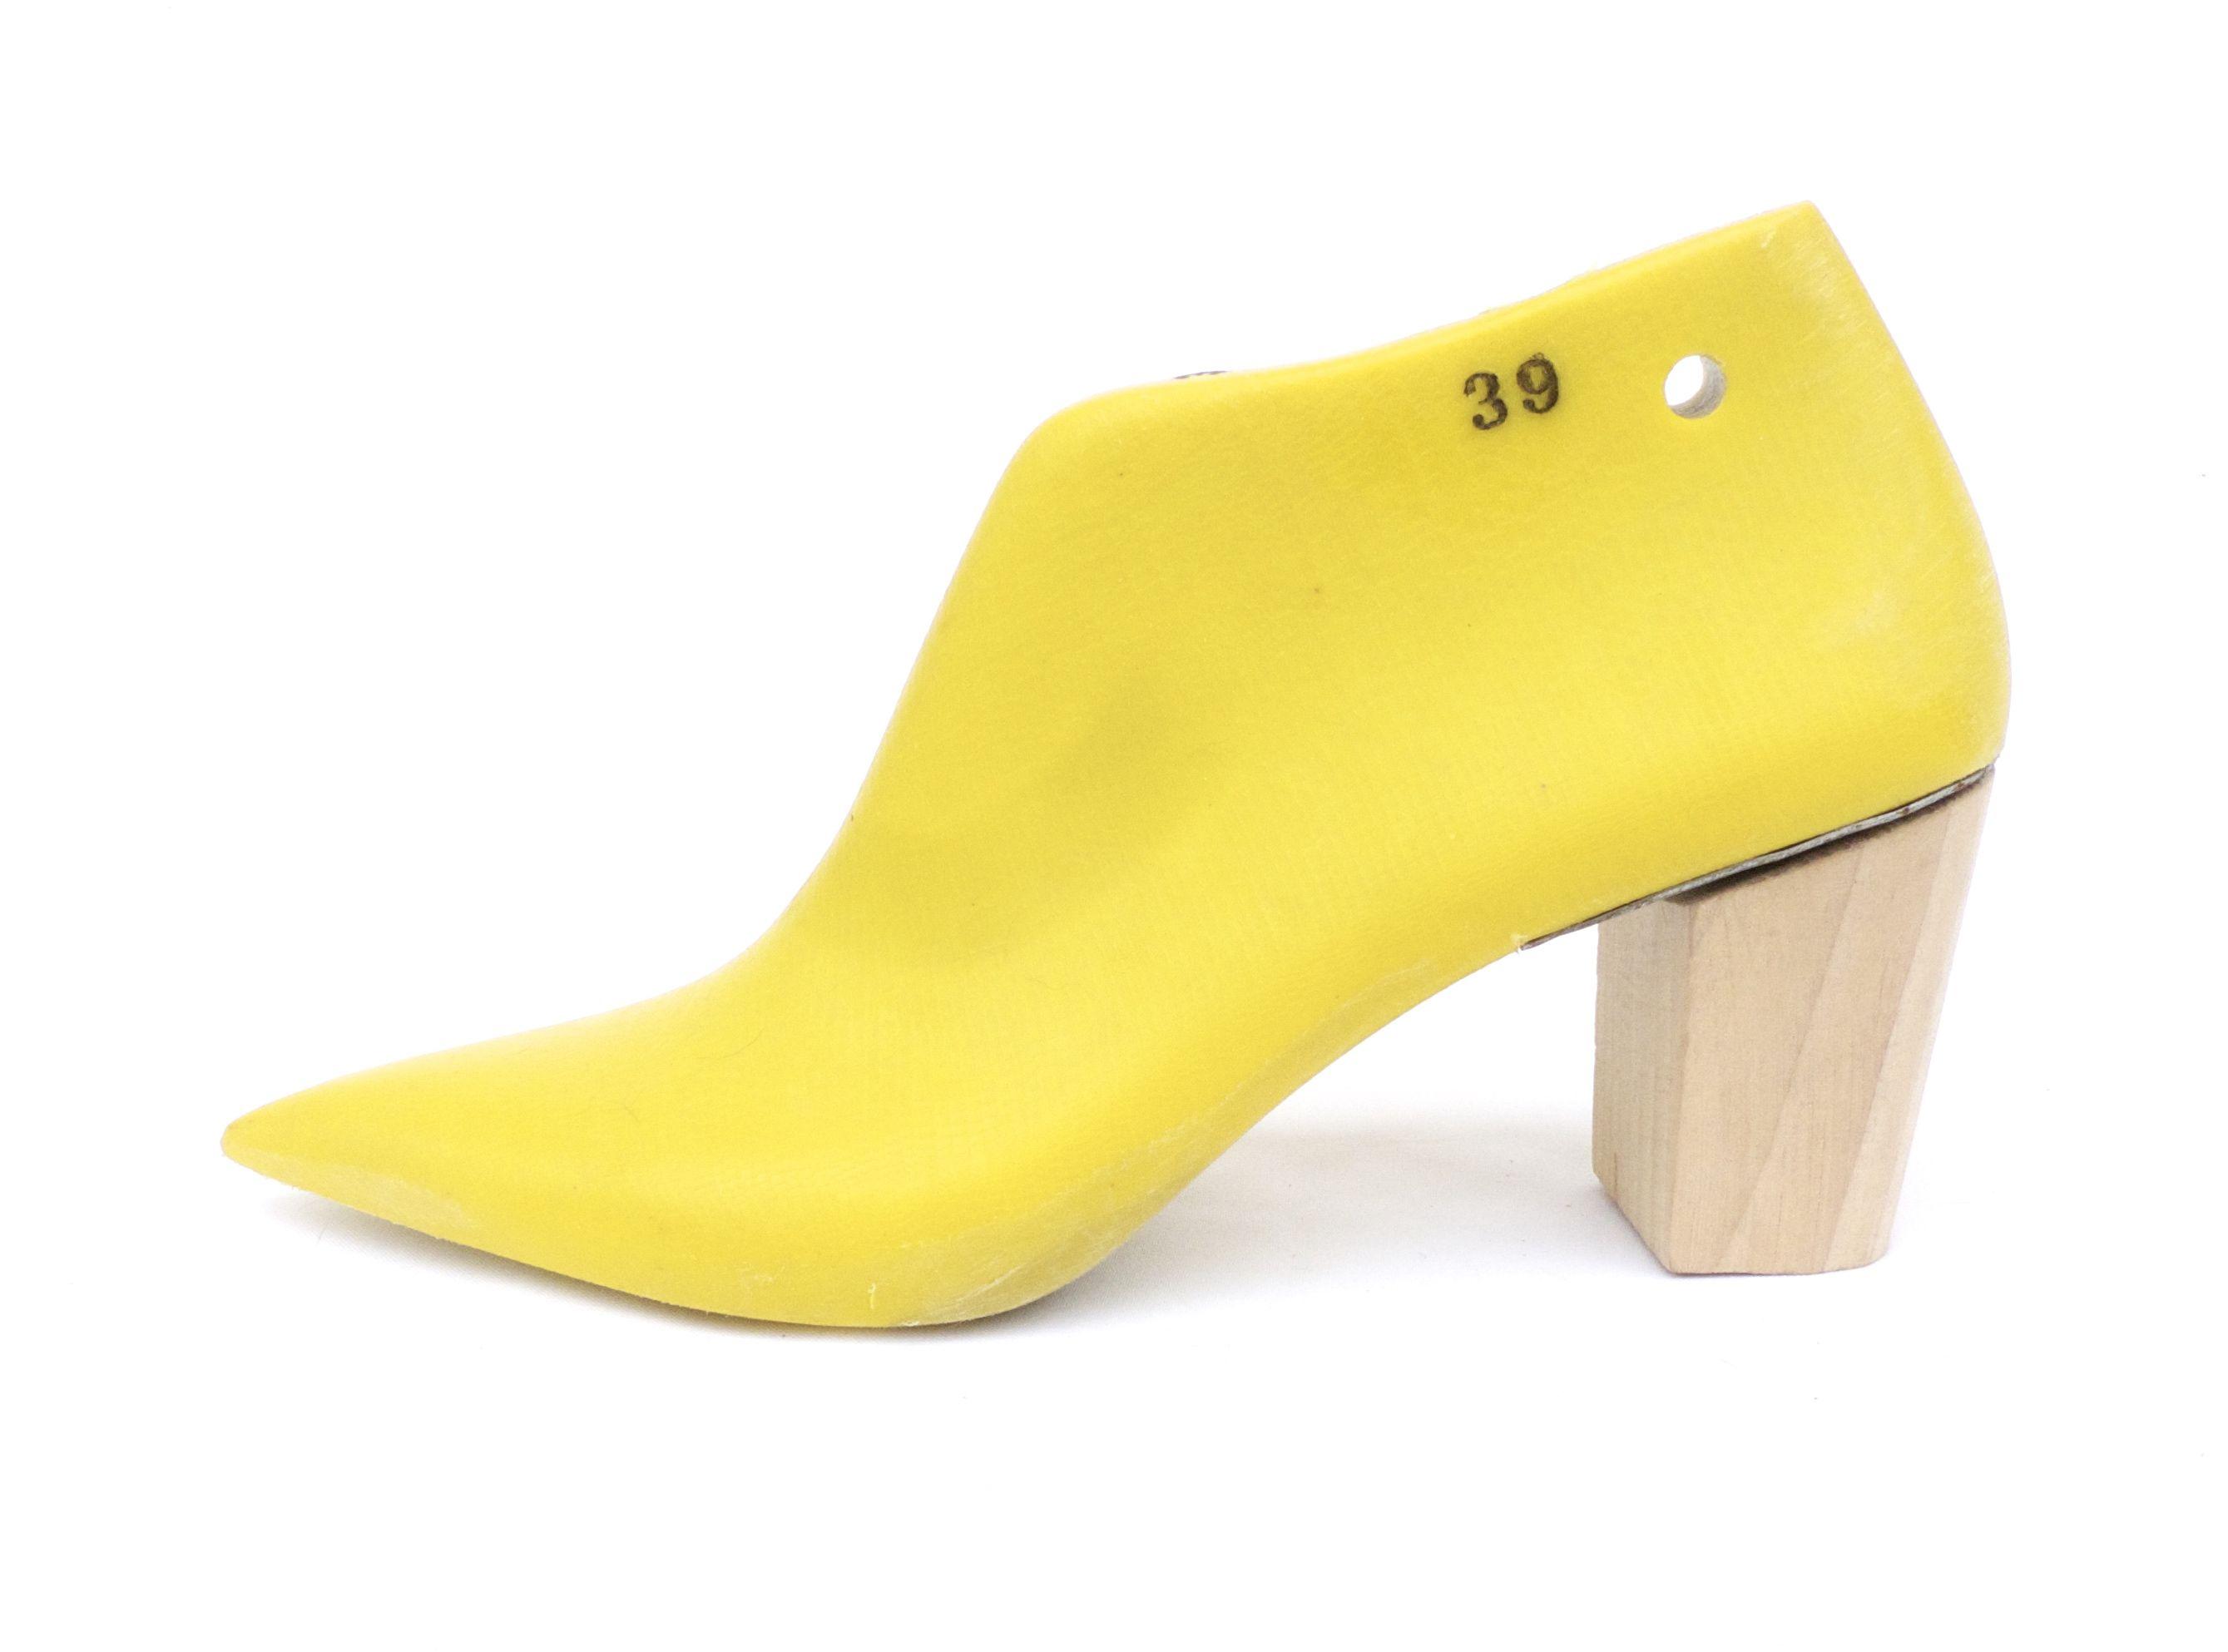 Pointed toe elegant shoe last for women footwear